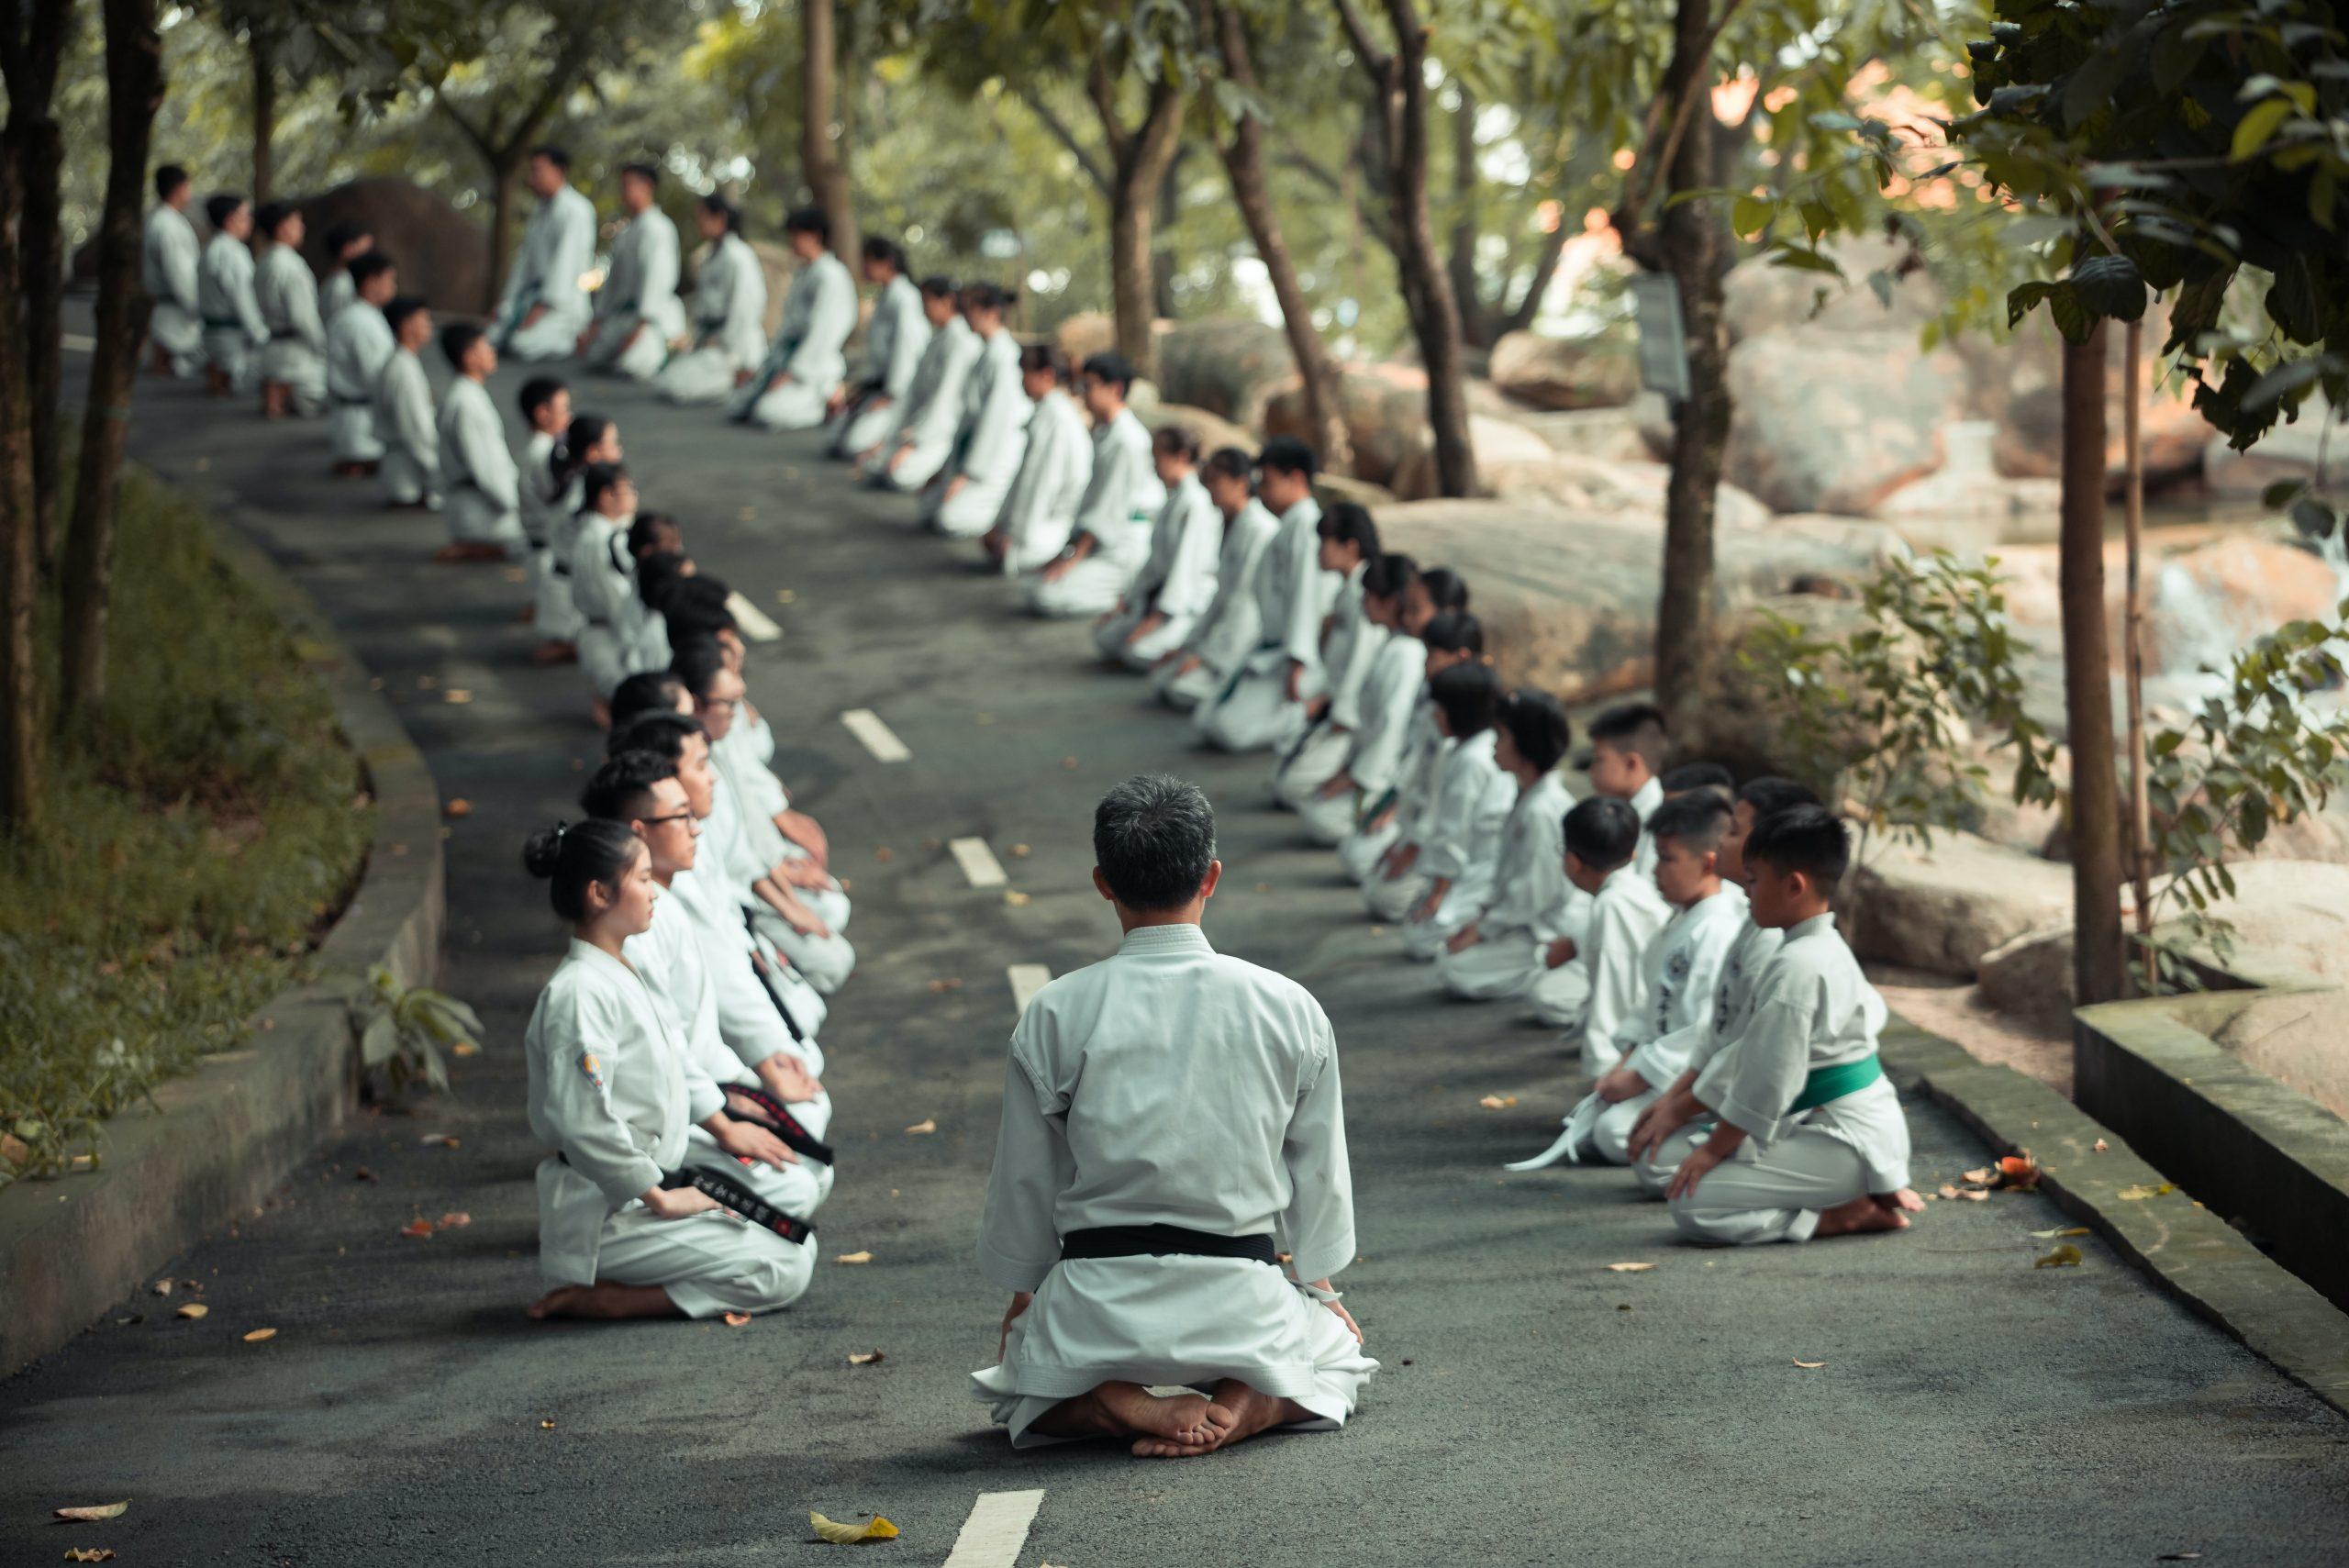 judobookdvd